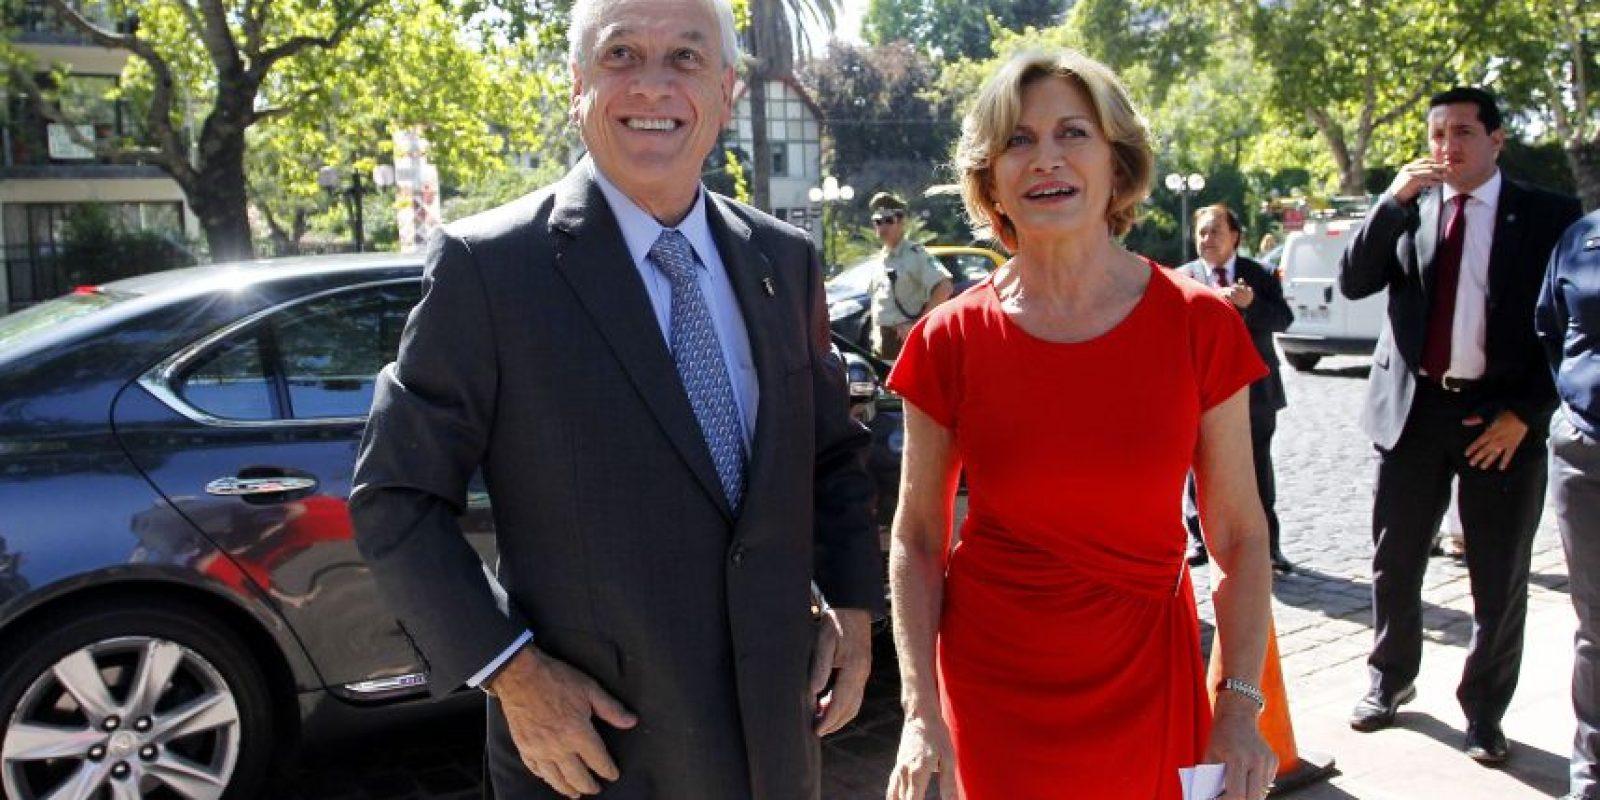 Sebastián Piñera también estuvo presente en la ceremonia de Providencia, acompañando a la nueva alcaldesa Evelyn Matthei. Foto:Agencia UNO. Imagen Por: